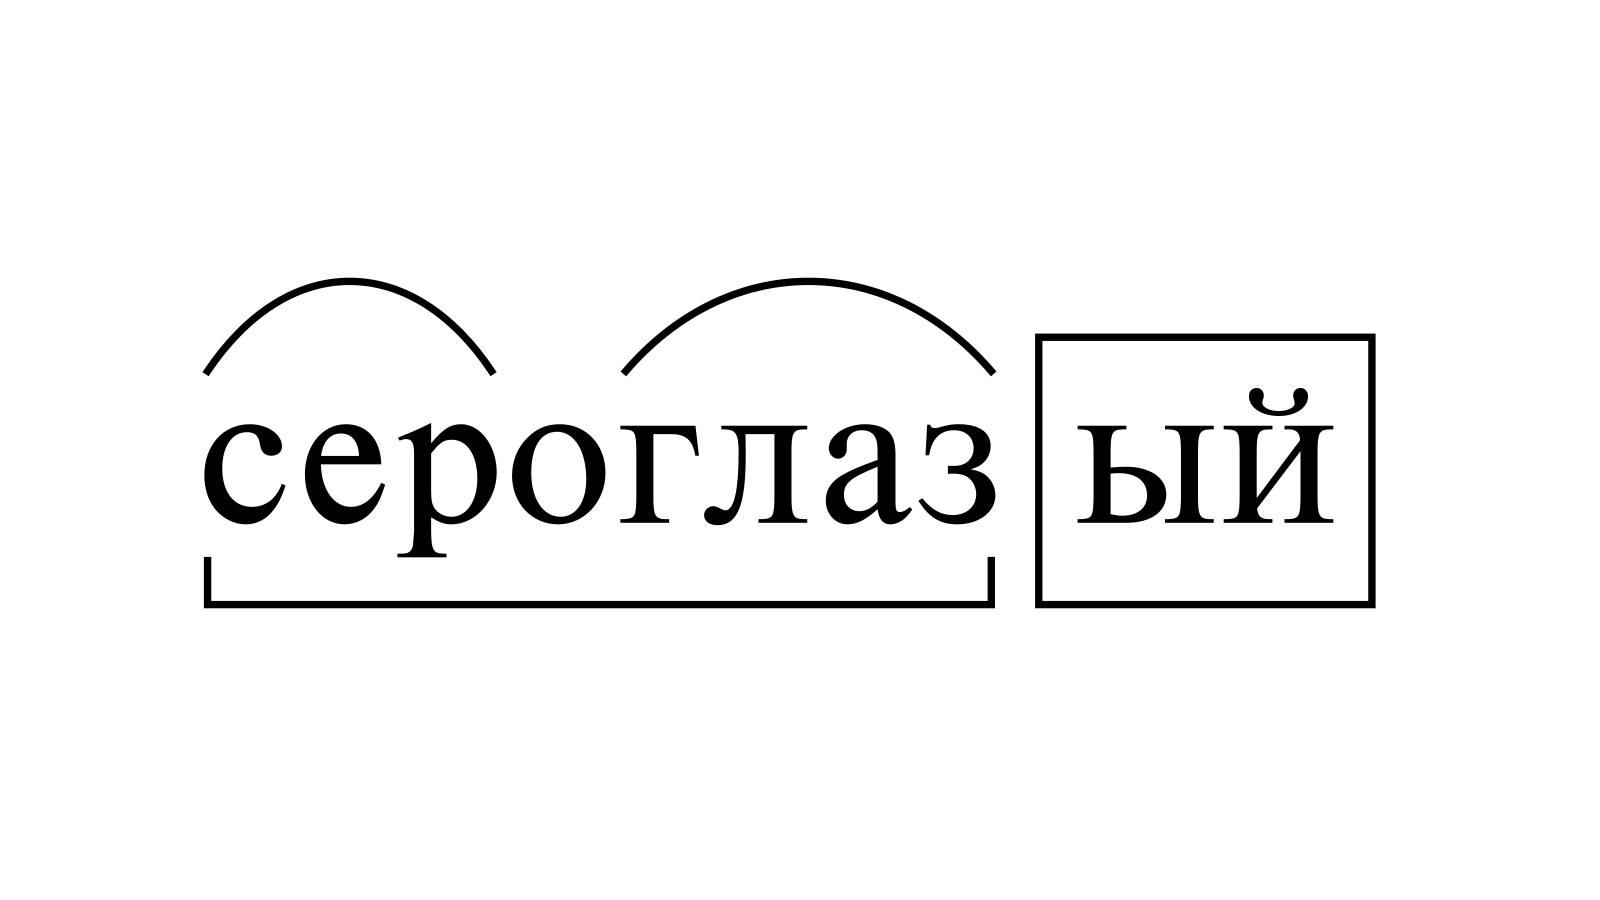 Разбор слова «сероглазый» по составу